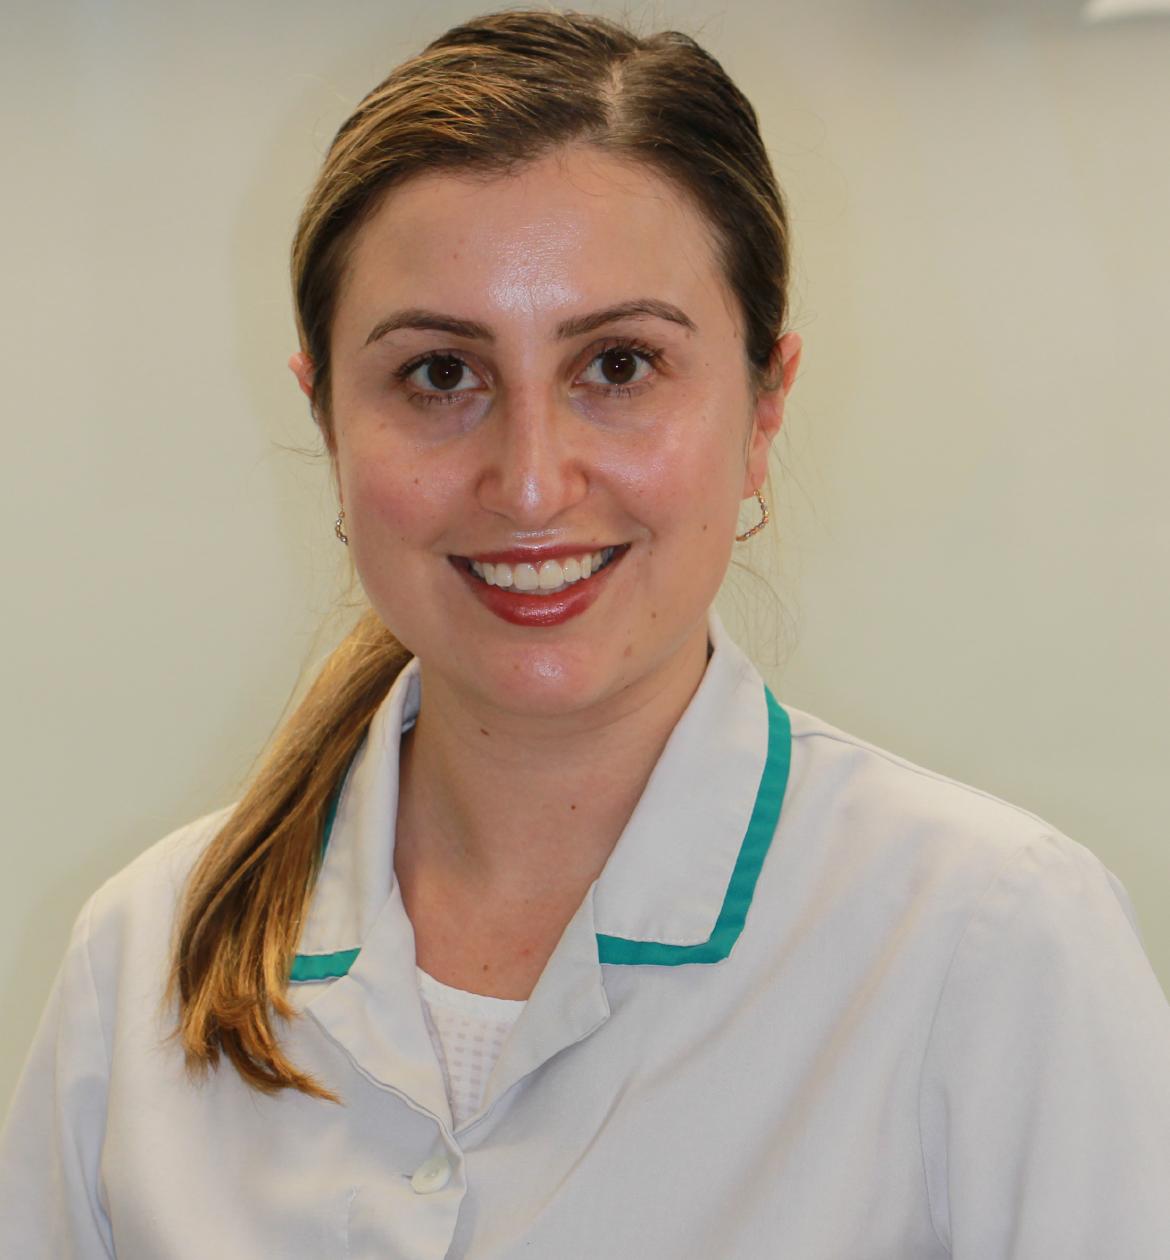 Dr Sevilla Kornfeld - Dentist - Ashfield Dental Centre